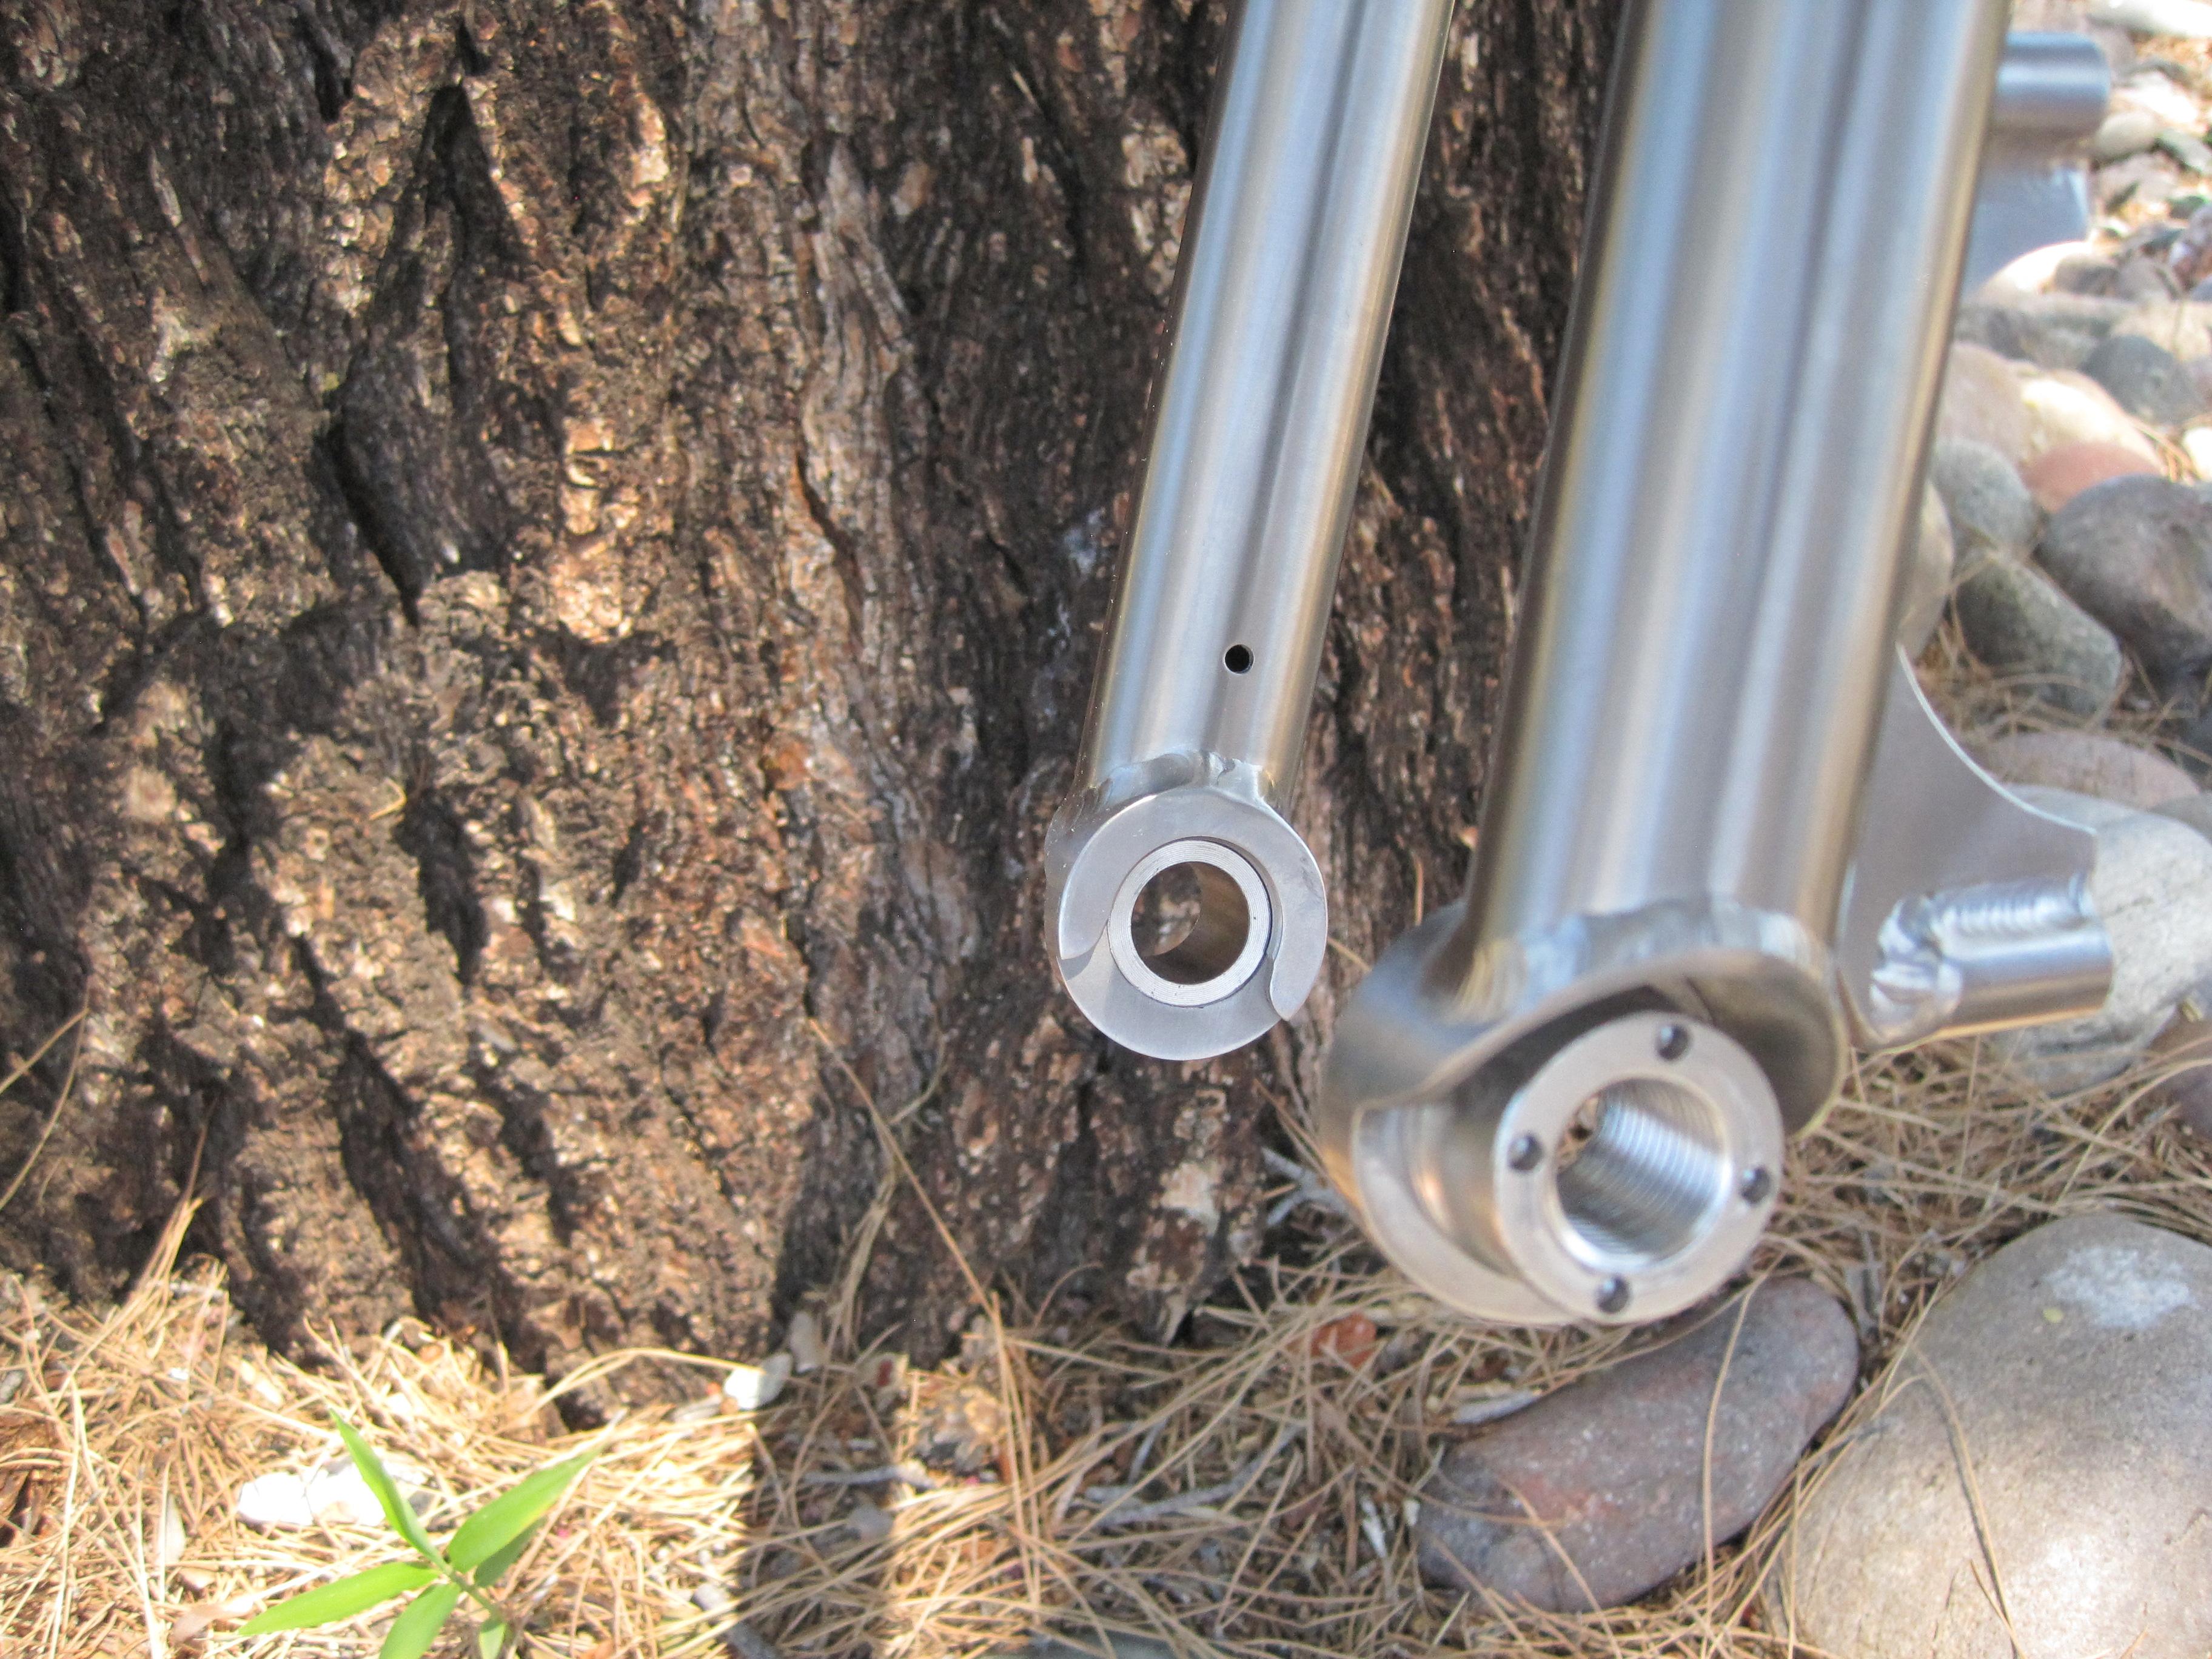 15mm Thru-Axle